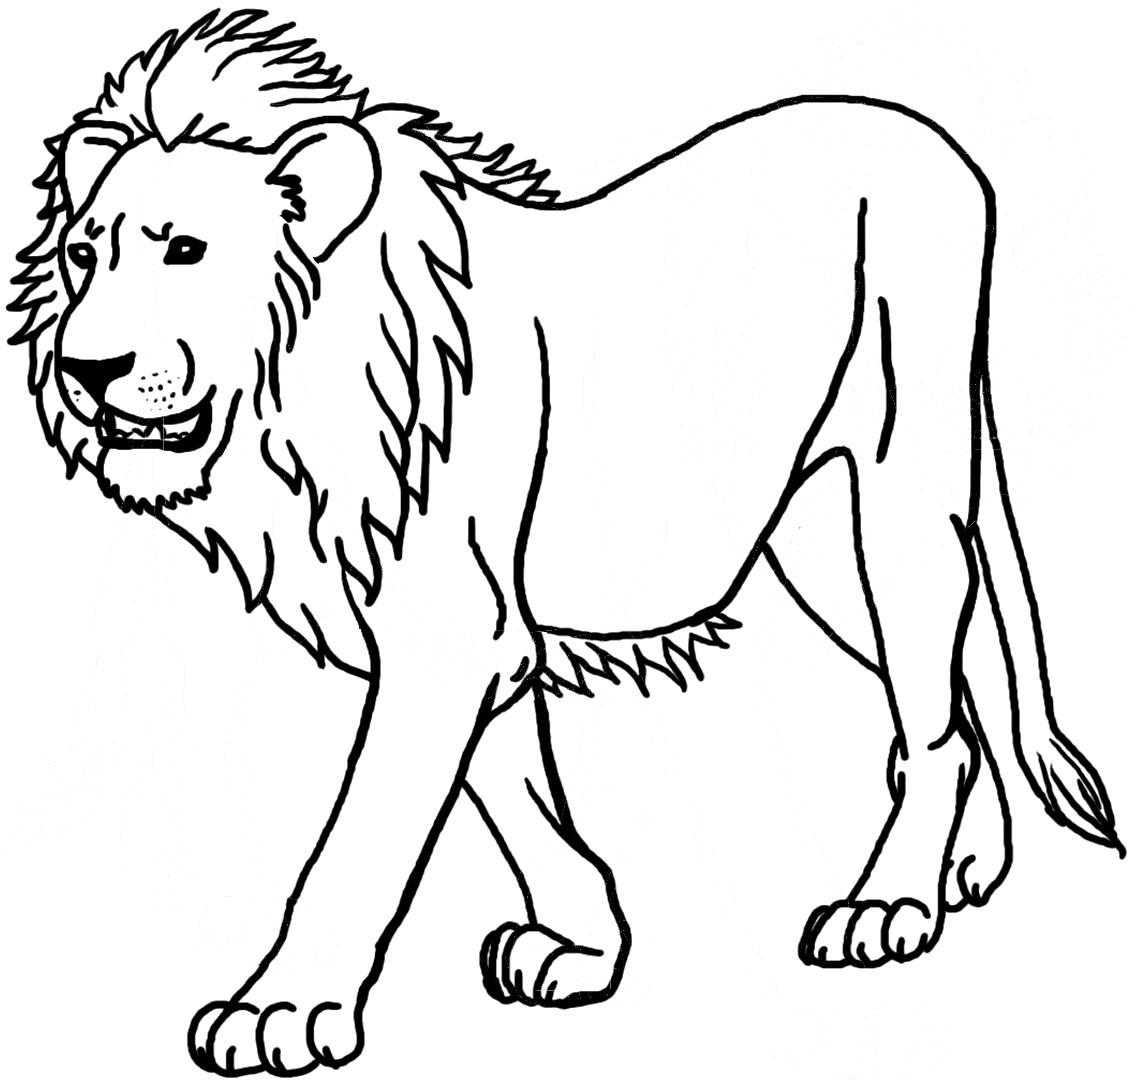 108 dessins de coloriage lion à imprimer sur LaGuerche.com